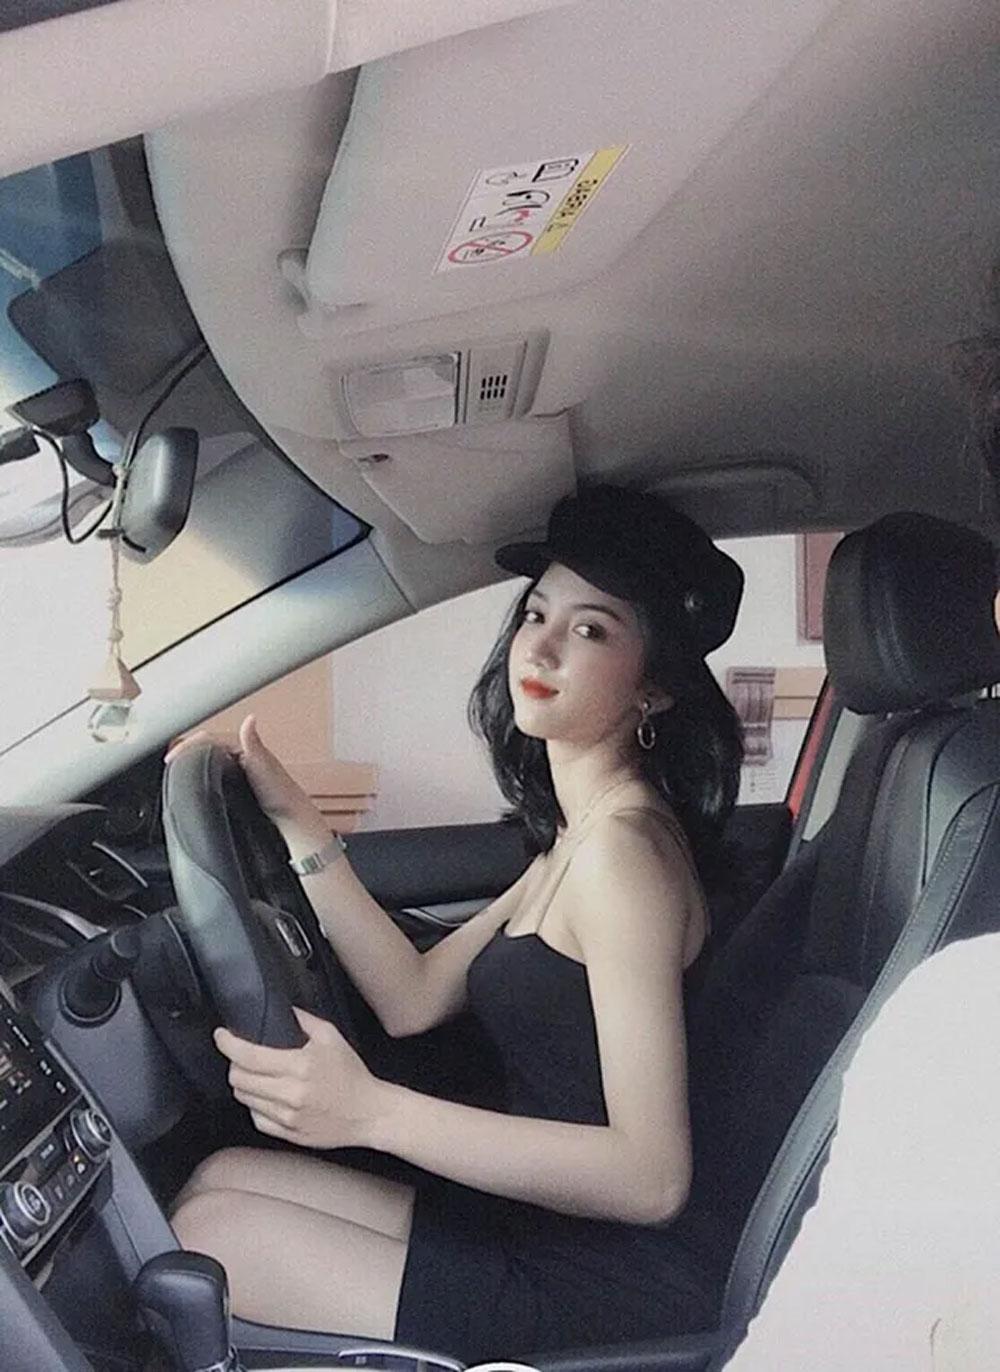 Ngỡ ngàng, vẻ đẹp trong veo, thiếu nữ Bắc Giang, Nguyễn Thị Dung